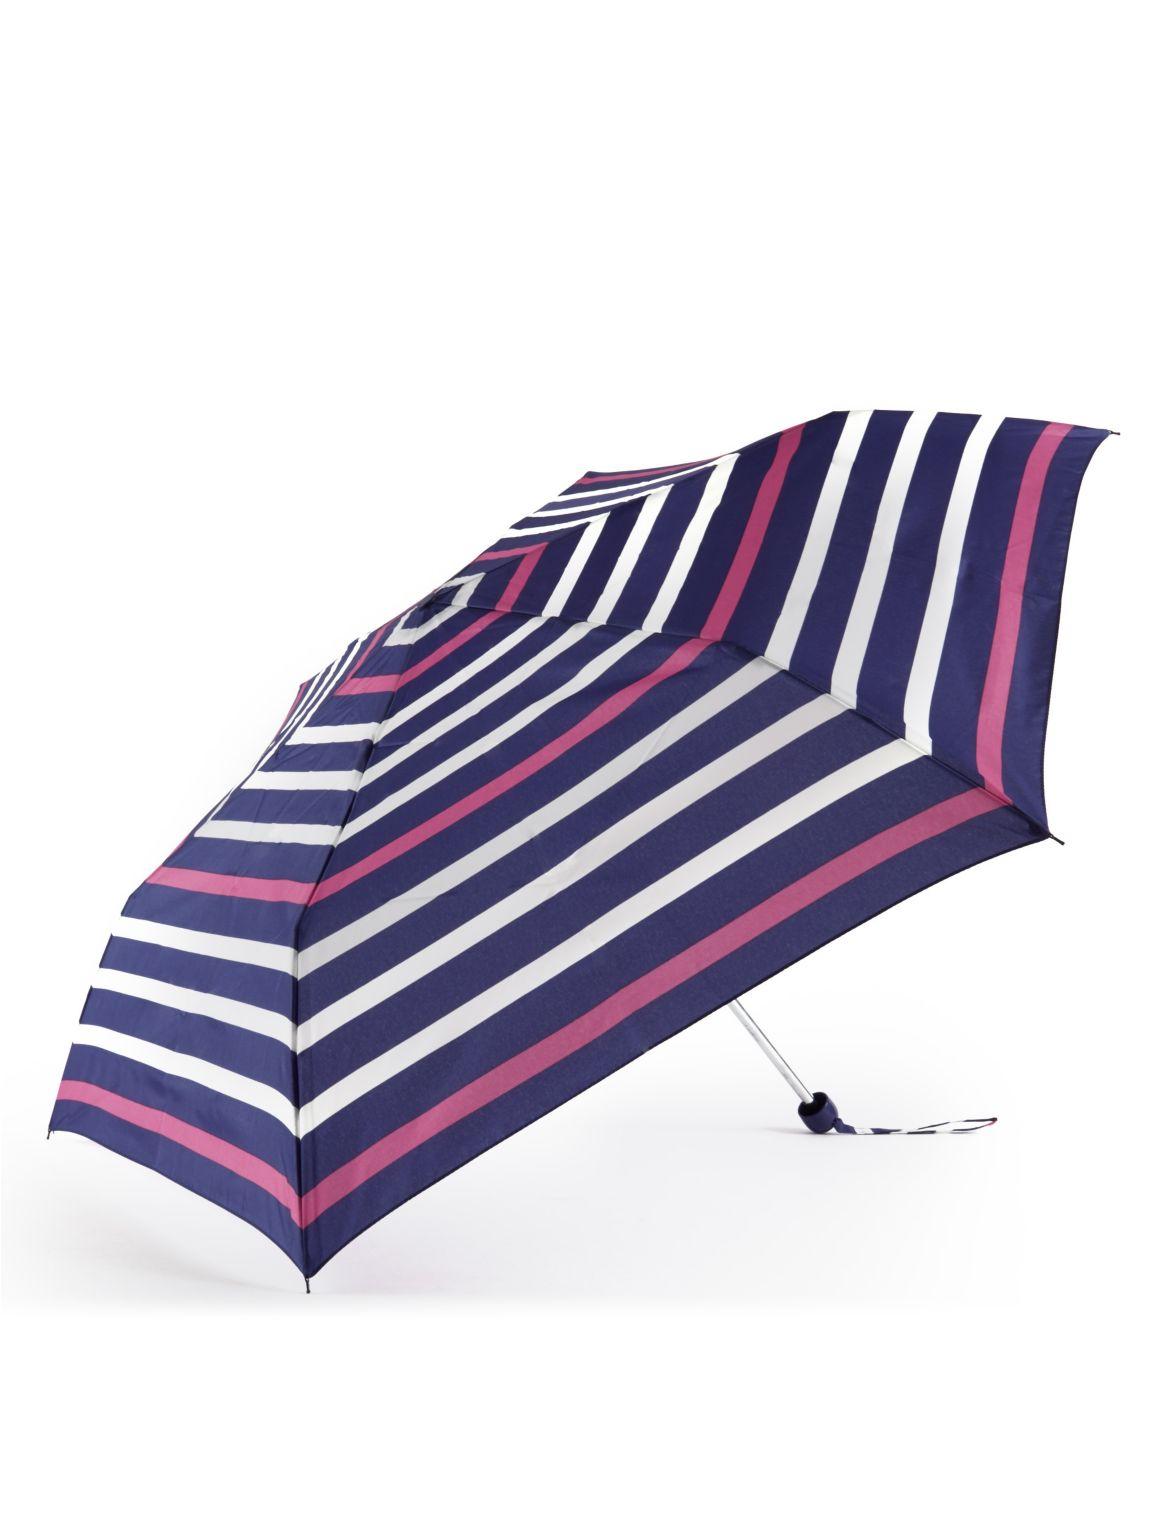 Parapluie compact à rayures marines, doté de la technologie Stormwear™